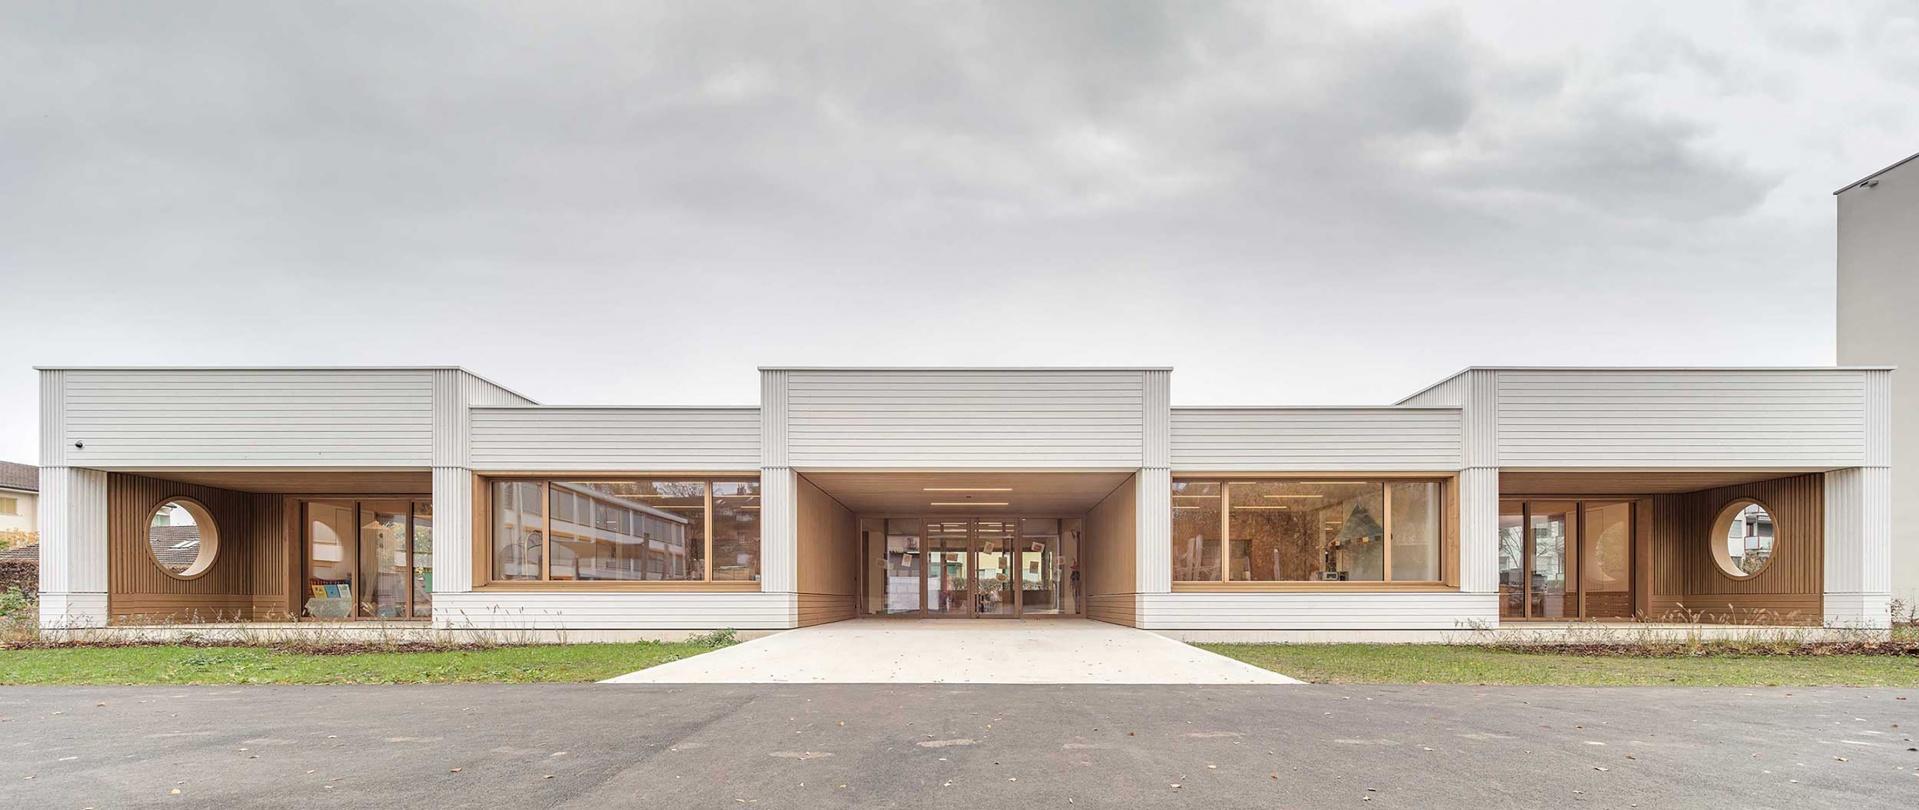 Hauptfassade mit gedeckten Aussenspielbereichen © Radek Brunecky